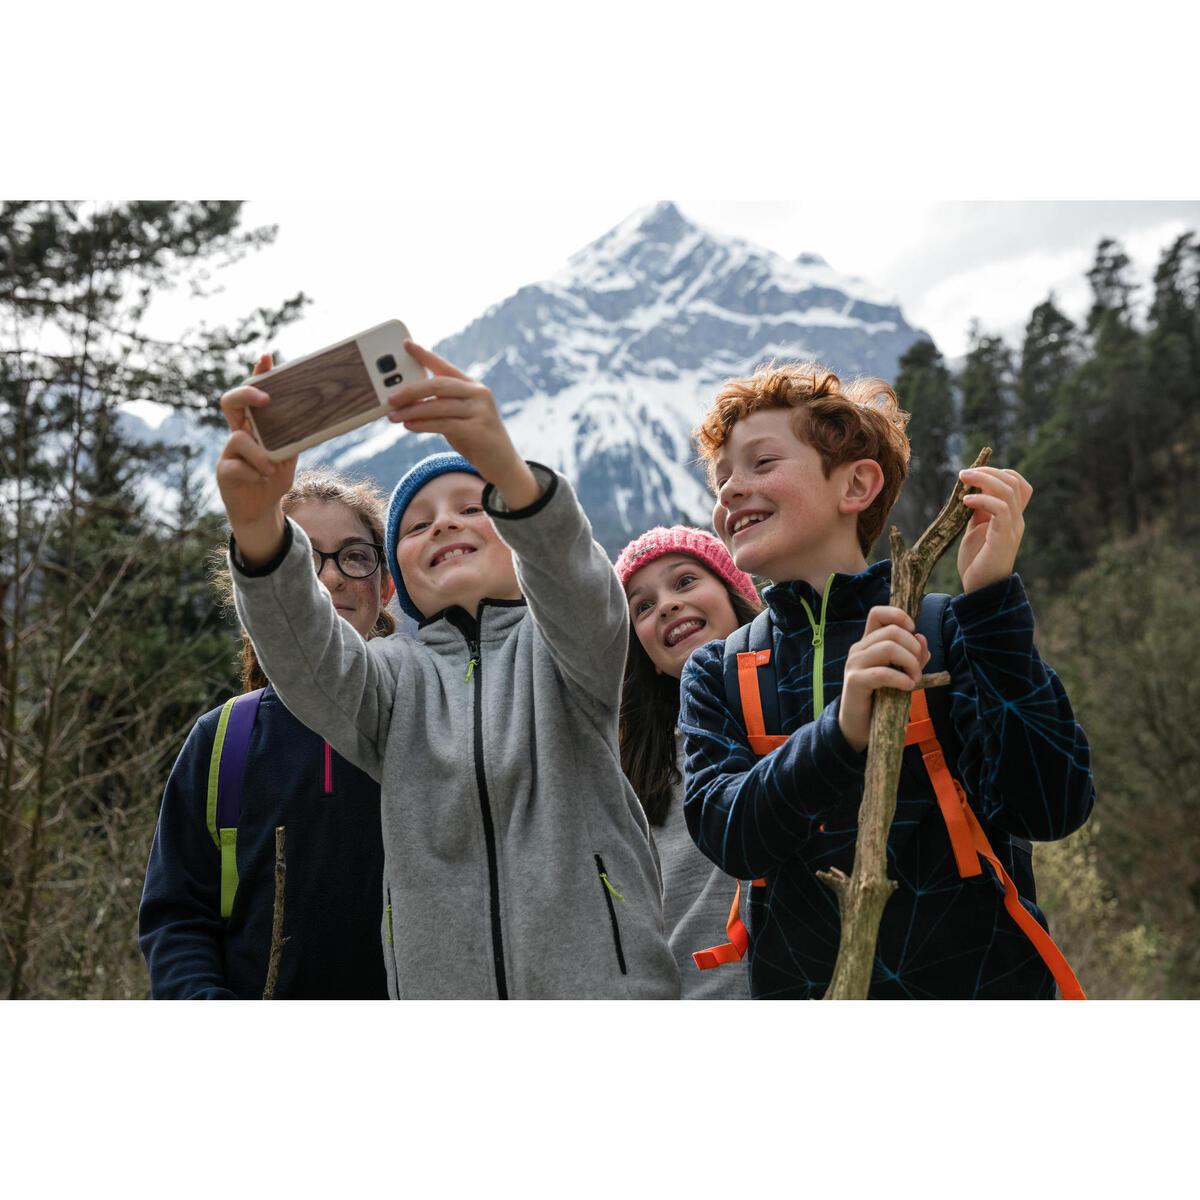 Bild 5 von Fleecepullover Wandern MH100 Kinder Jungen 123–172cm blau